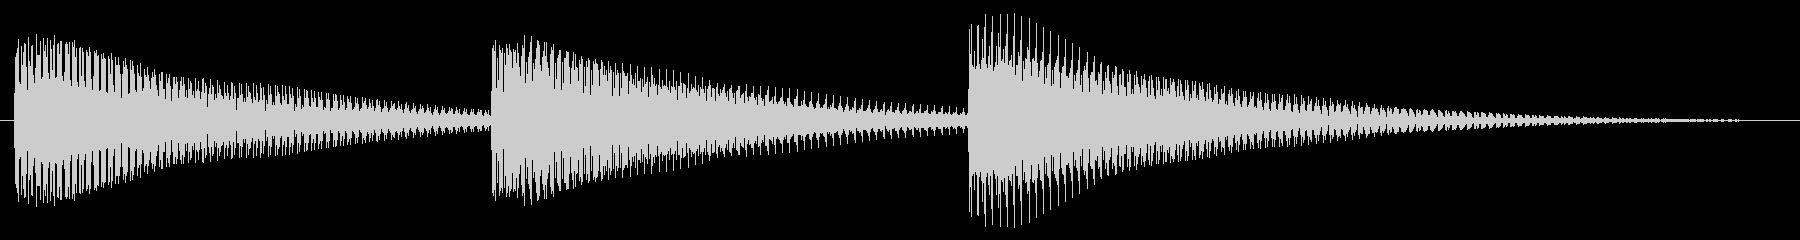 時計/時報/ボーンの未再生の波形